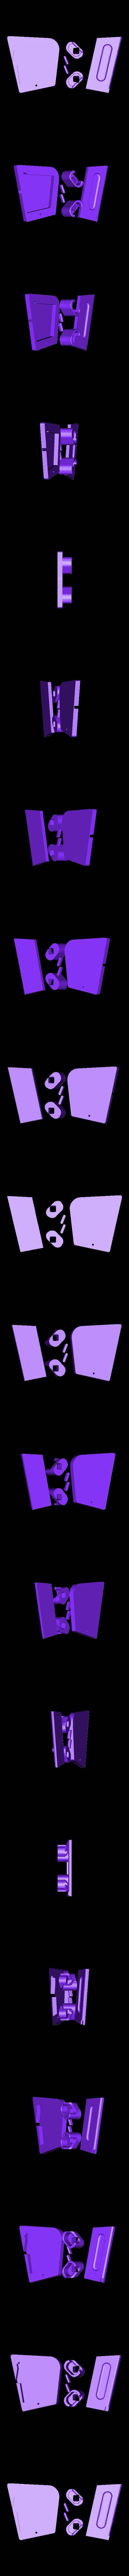 Grey - Parts.stl Télécharger fichier STL Jouer à Gary - Imprimer un Toons • Modèle à imprimer en 3D, neil3dprints